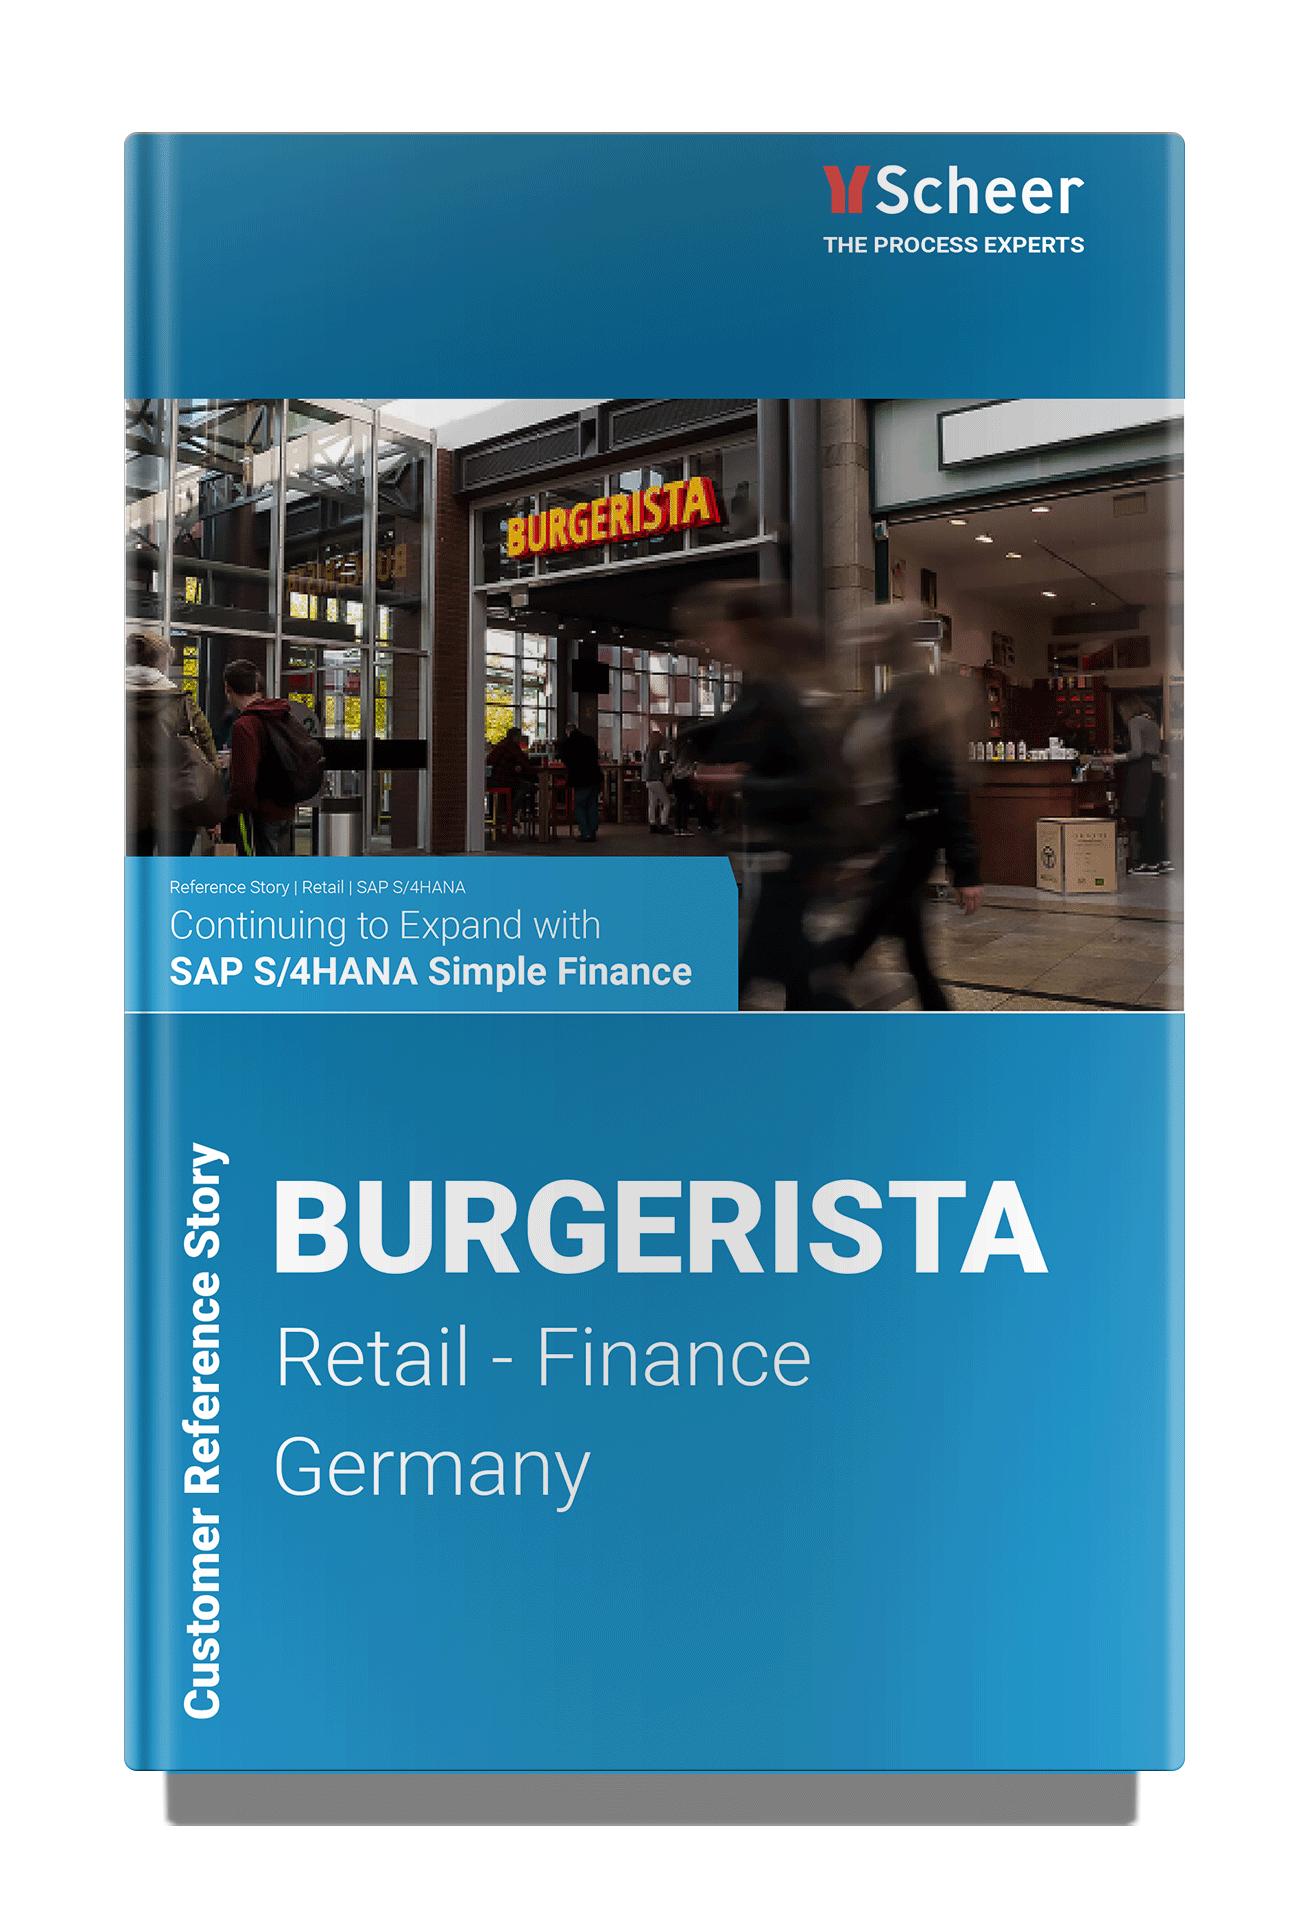 Burgerista | SAP S/4HANA